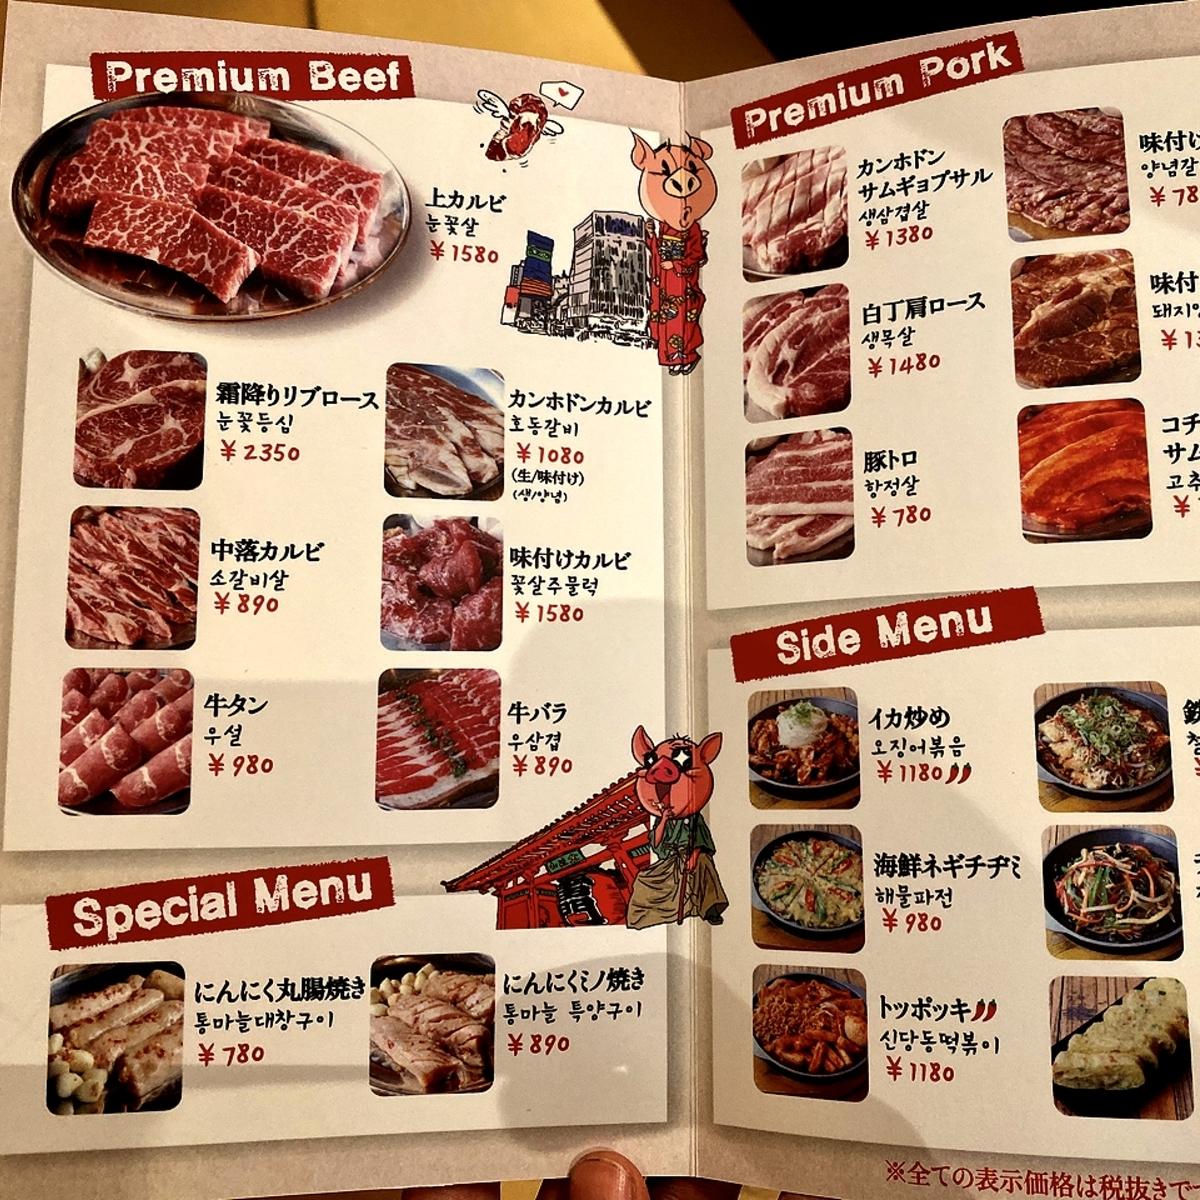 「韓国伝統焼肉 カンホドン白丁」のメニューと値段1